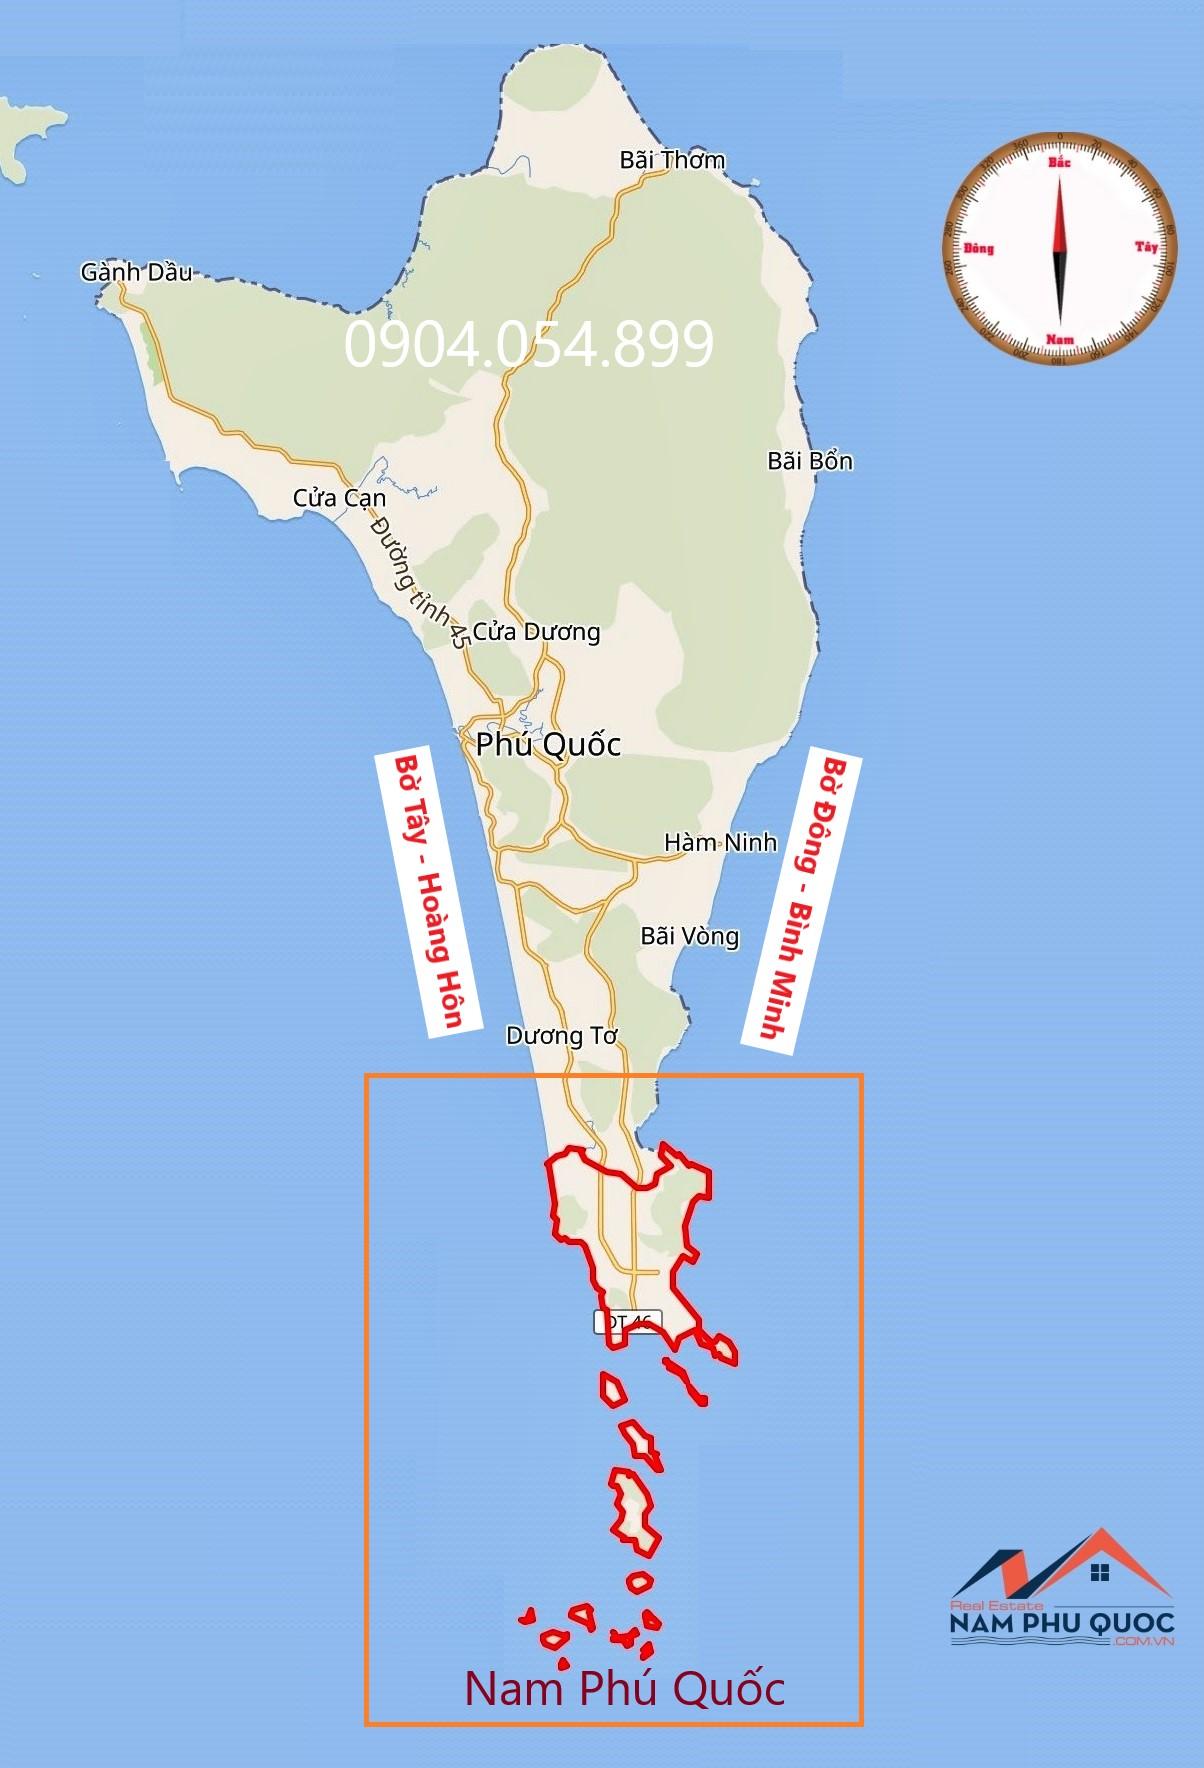 Bản đồ Nam Phú Quốc 0904054899